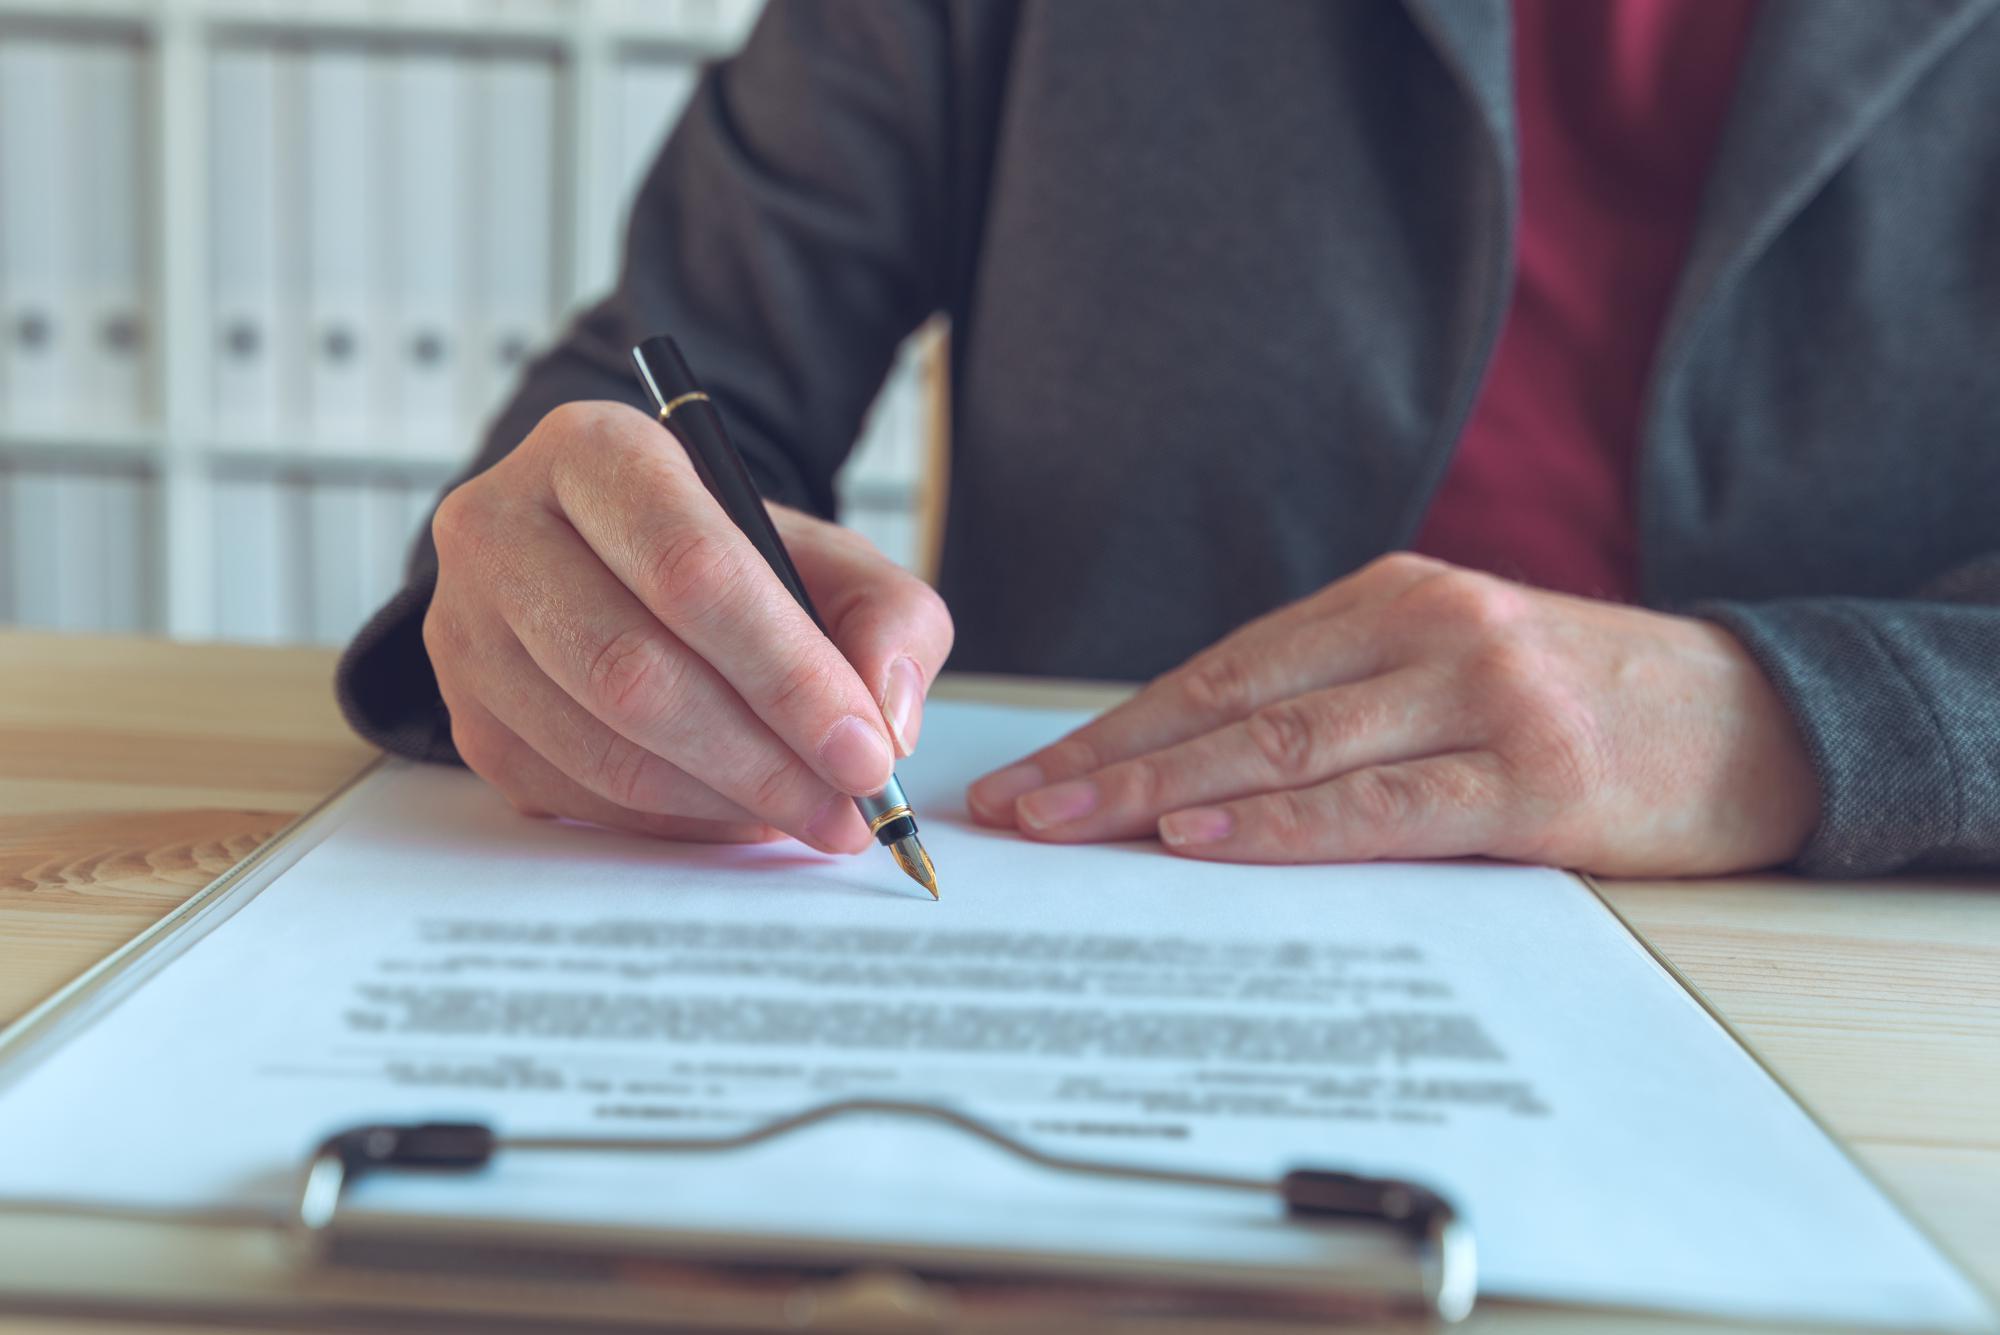 Госдума рассмотрит проект о продлении срока ЕНВД во втором чтении 17 мая